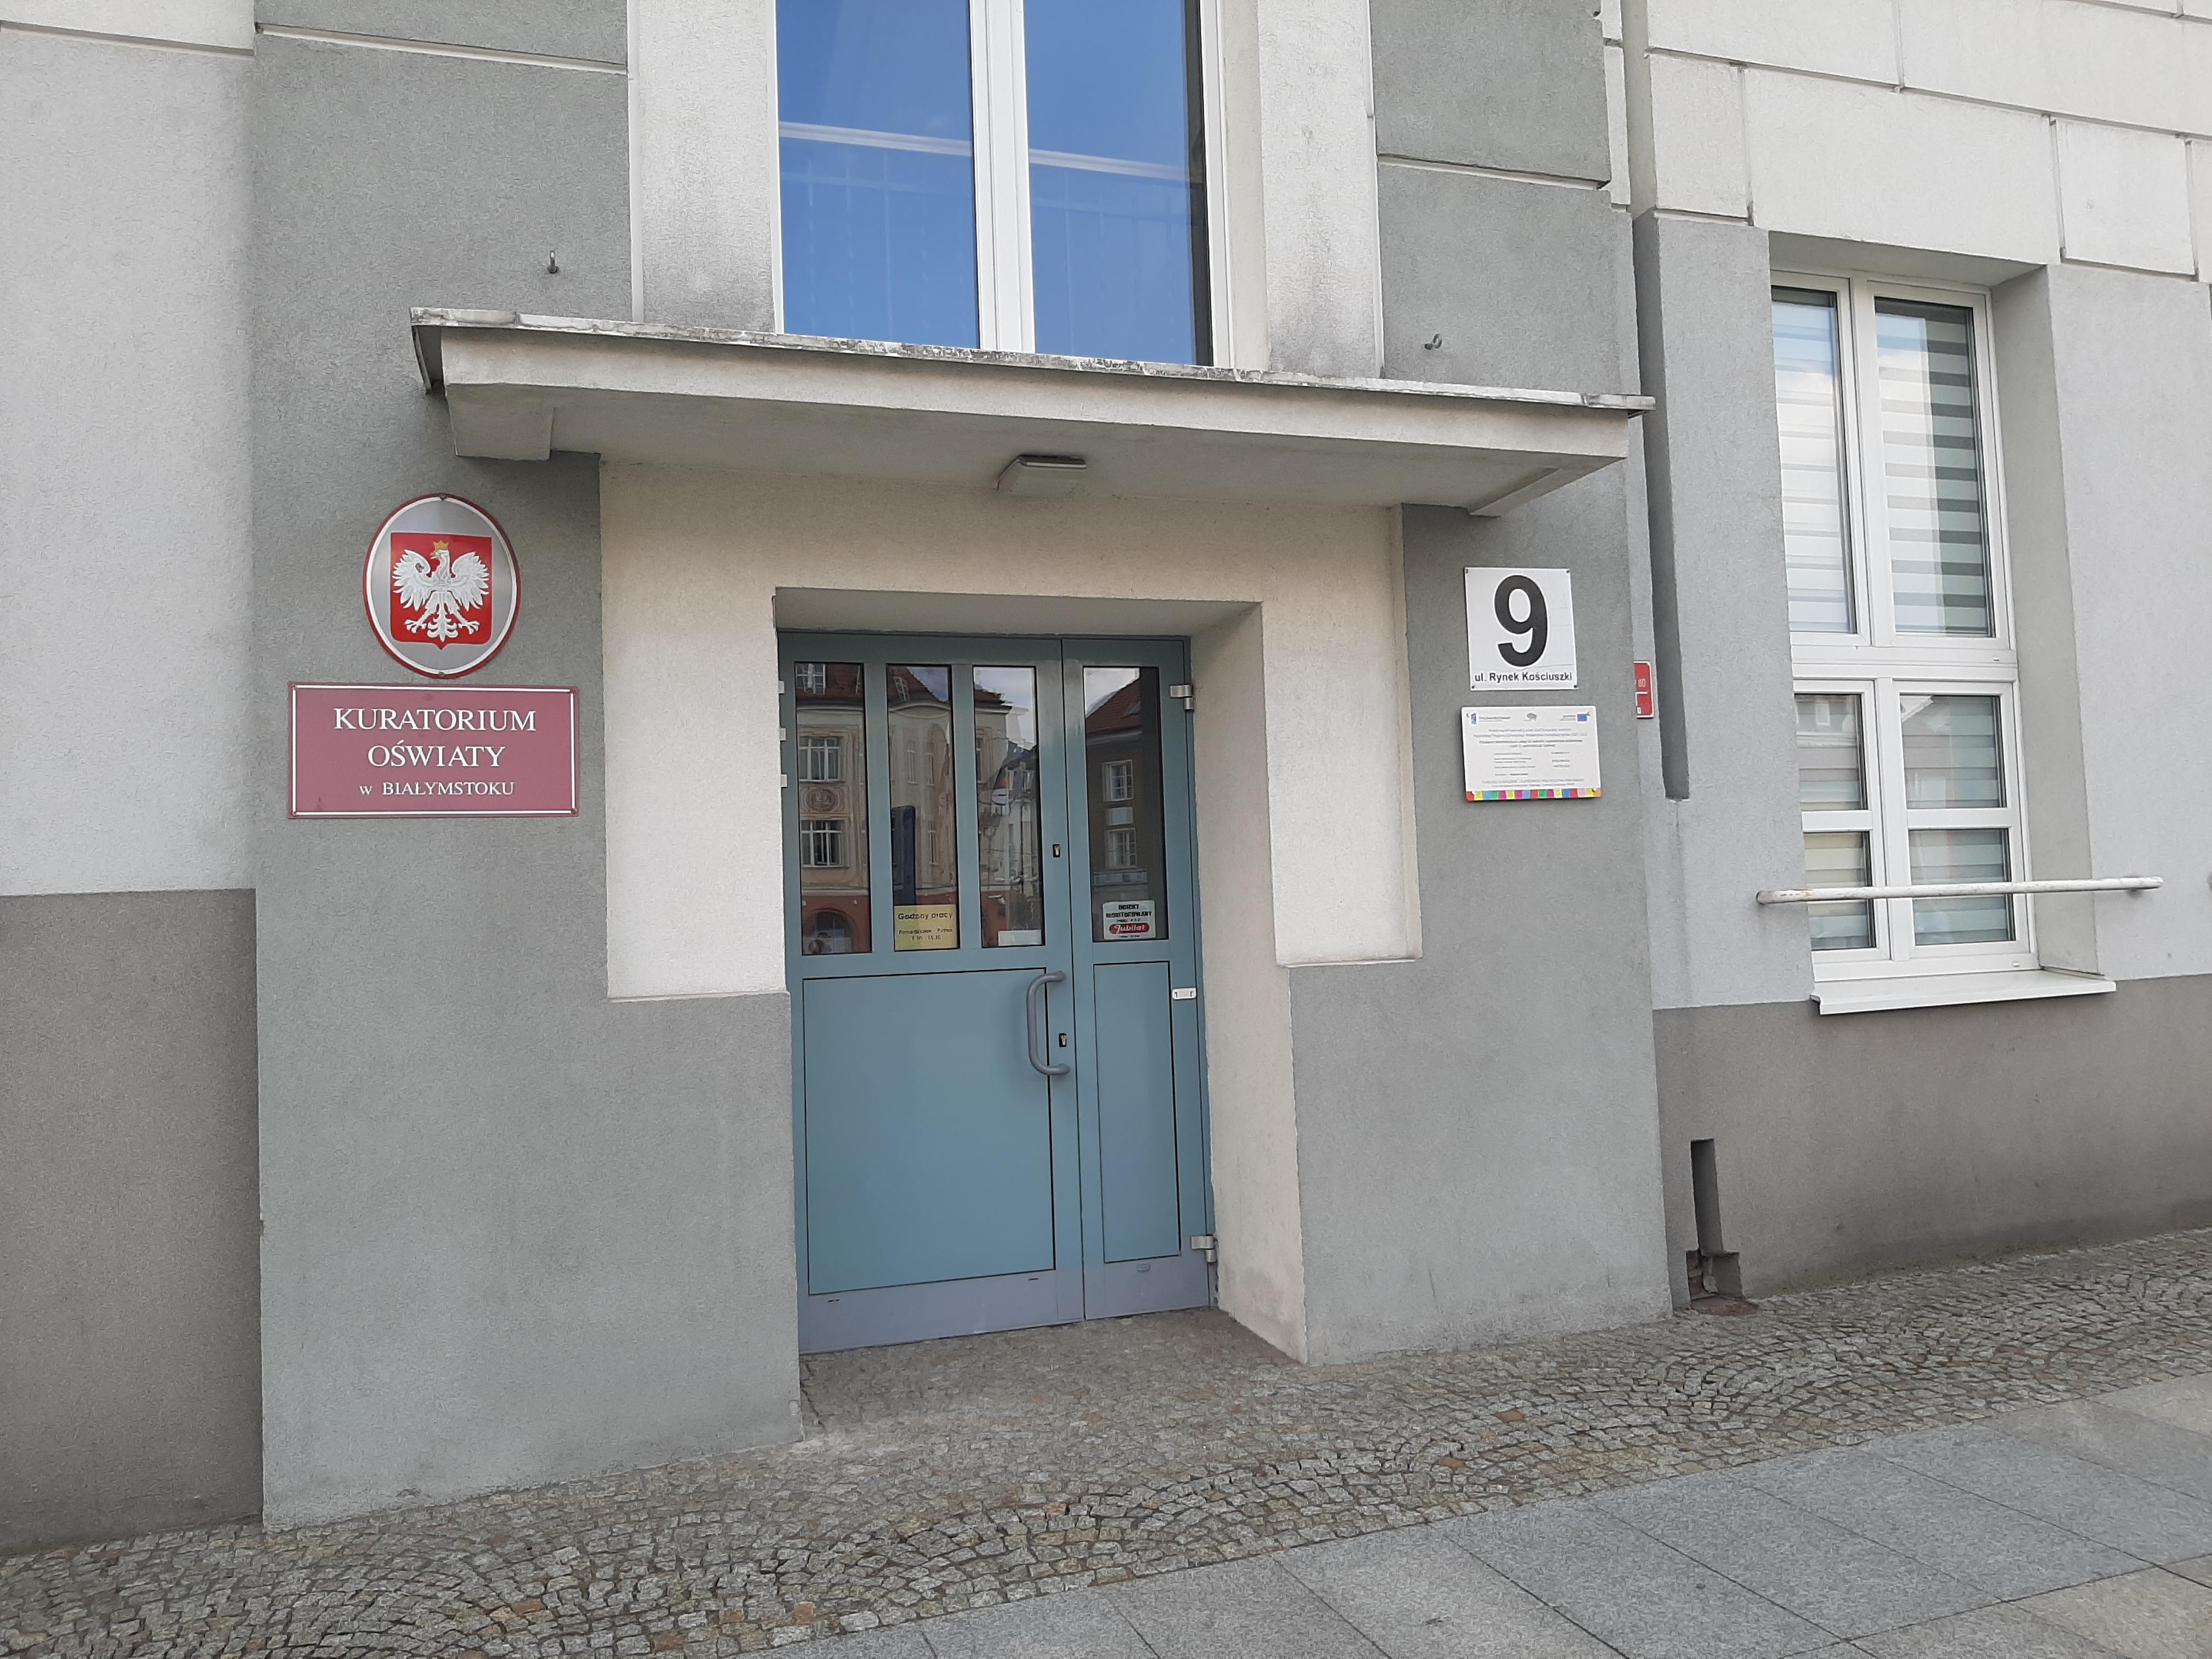 Wejście do Kuratorium Oświaty w Białymstoku